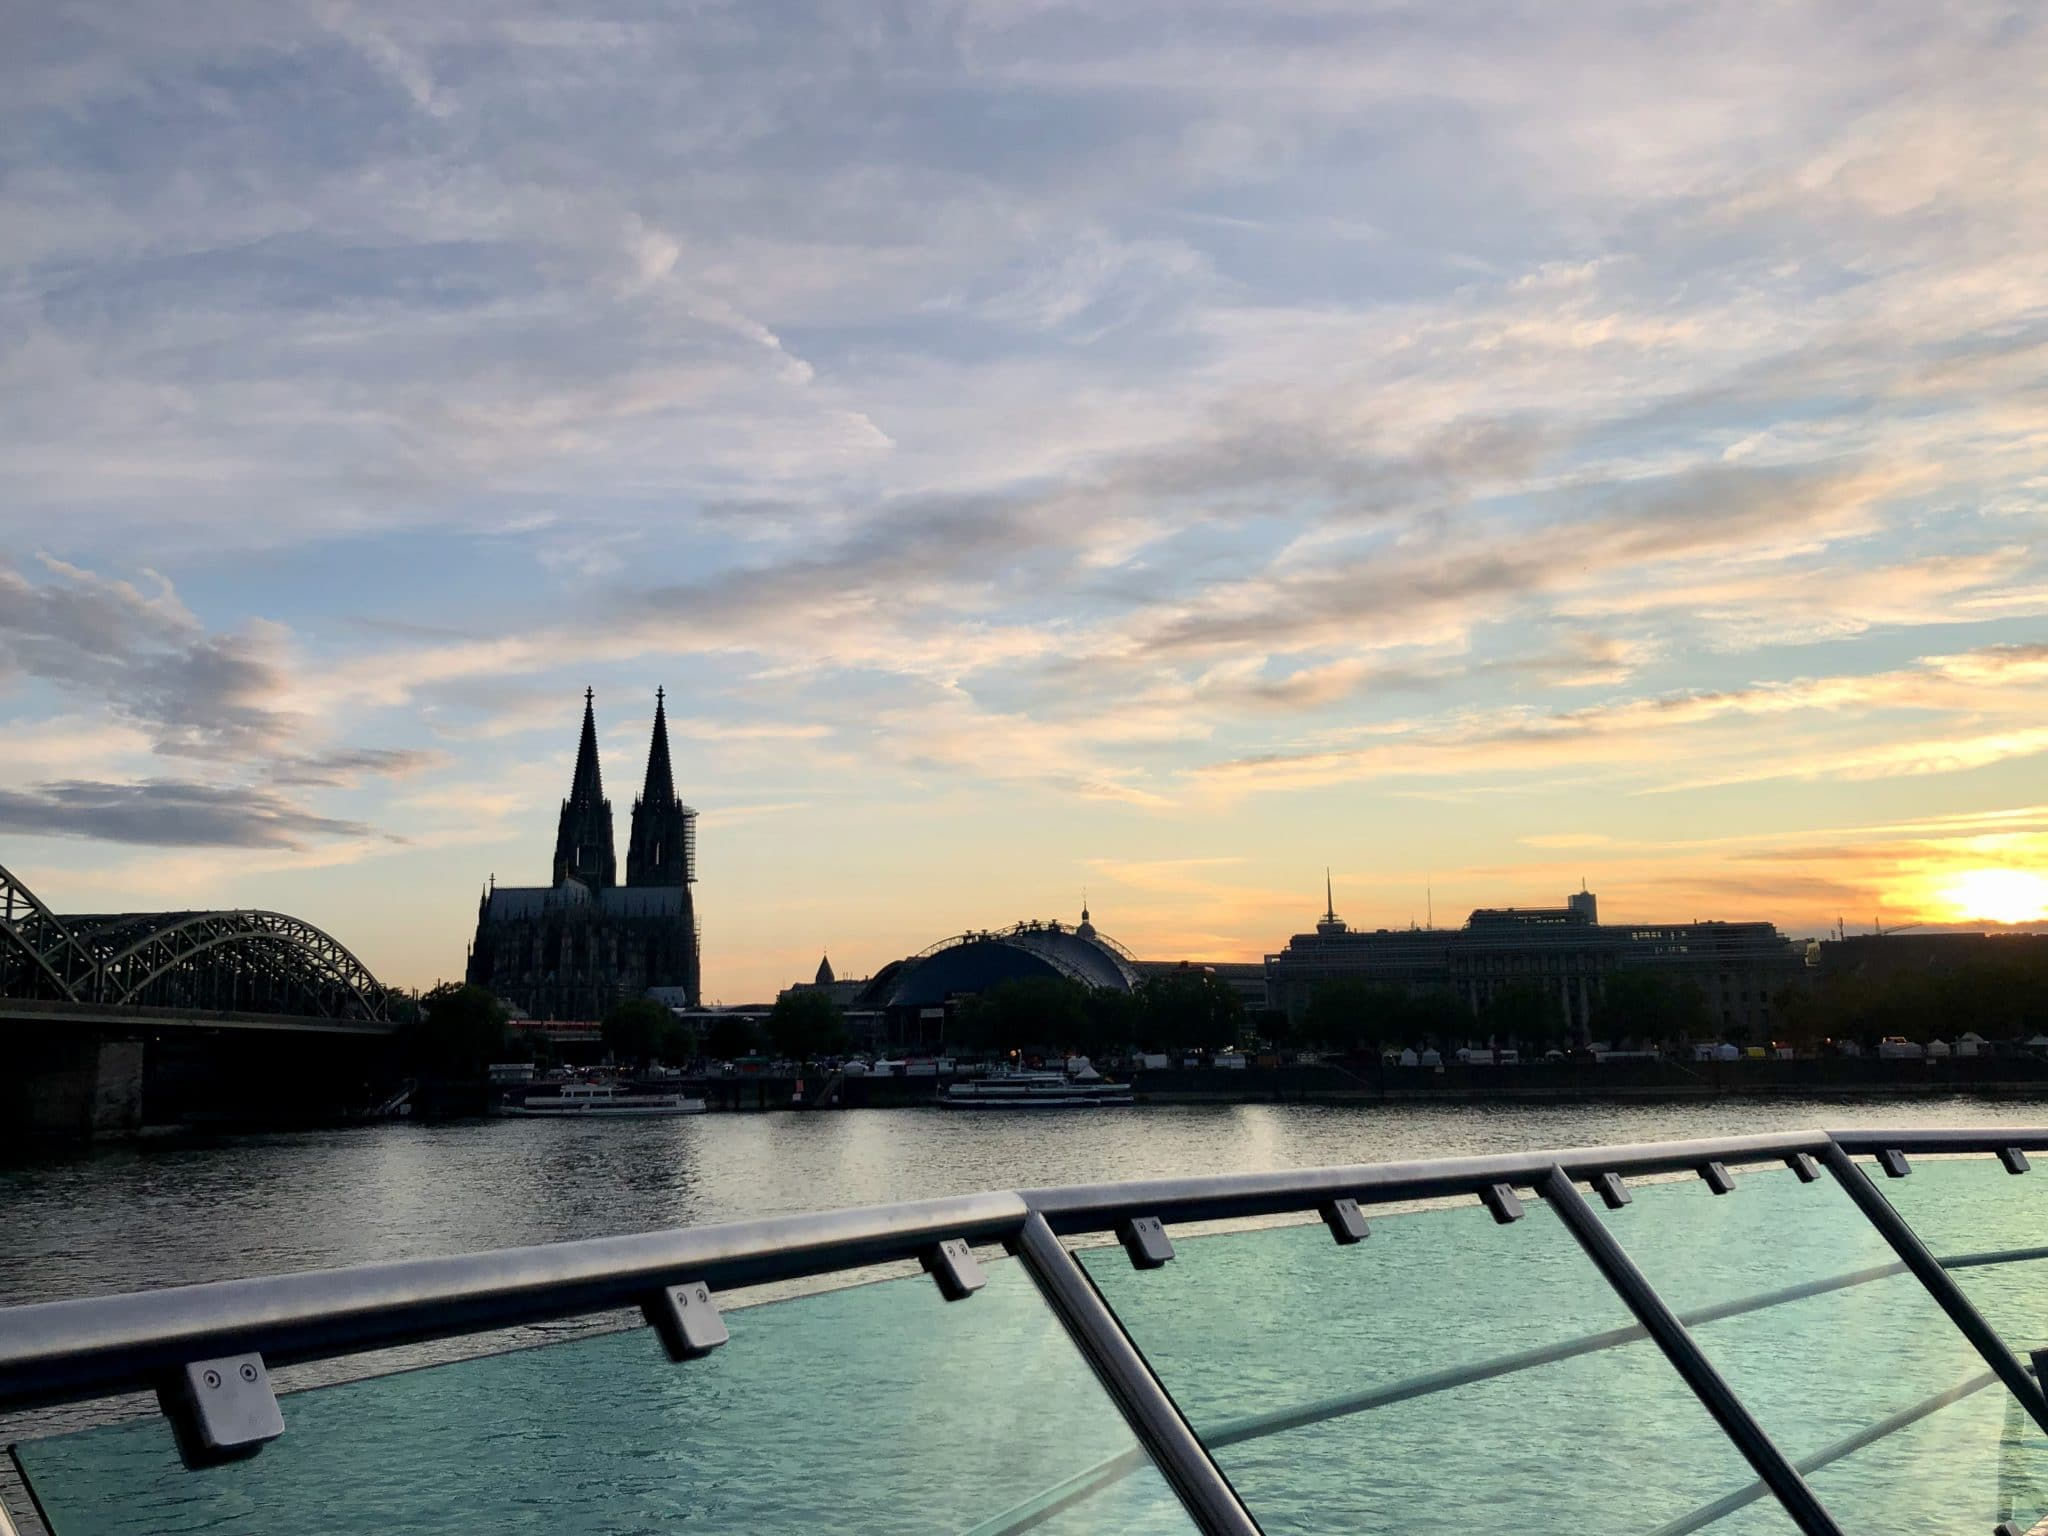 Ein entspanntes Wochenende in Köln. Meine Relaxtipps für die Rheinmetropole